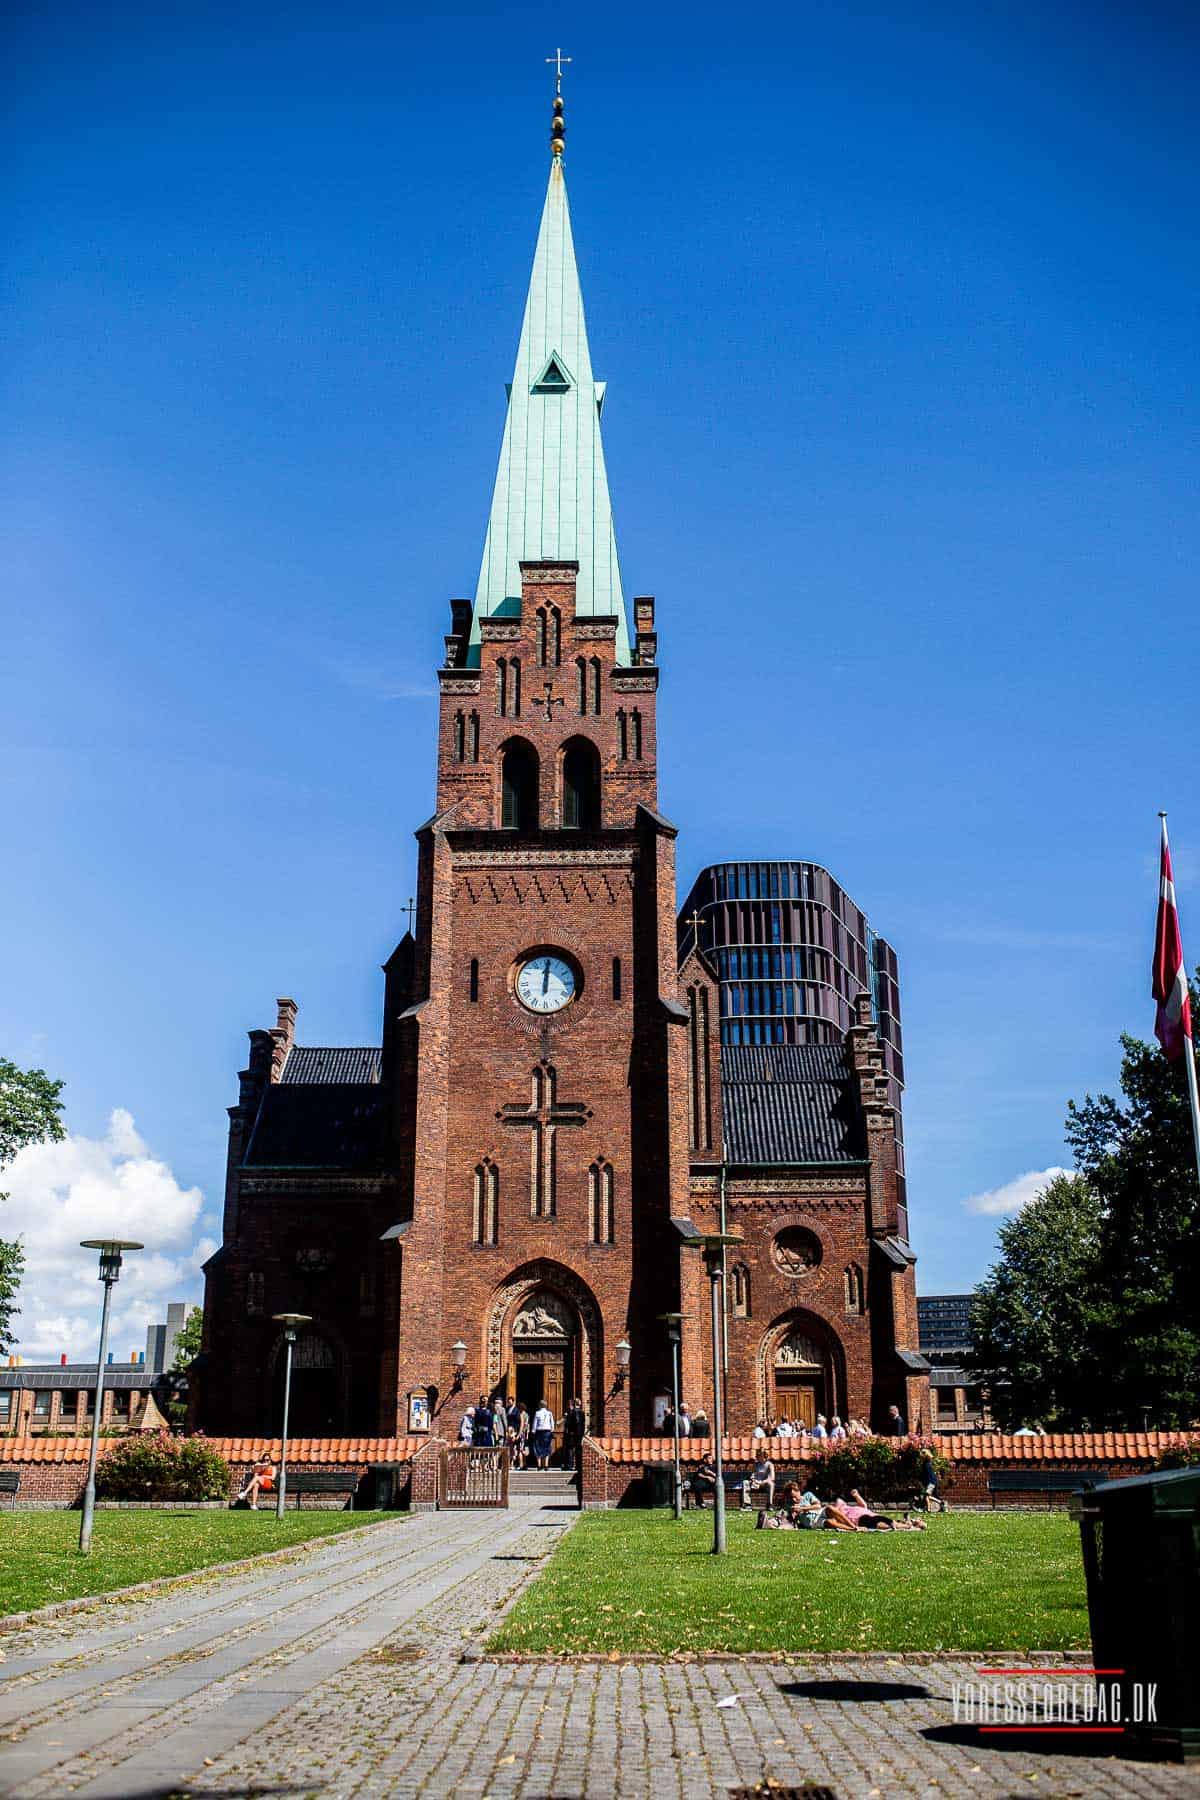 Skt. Johannes Kirke